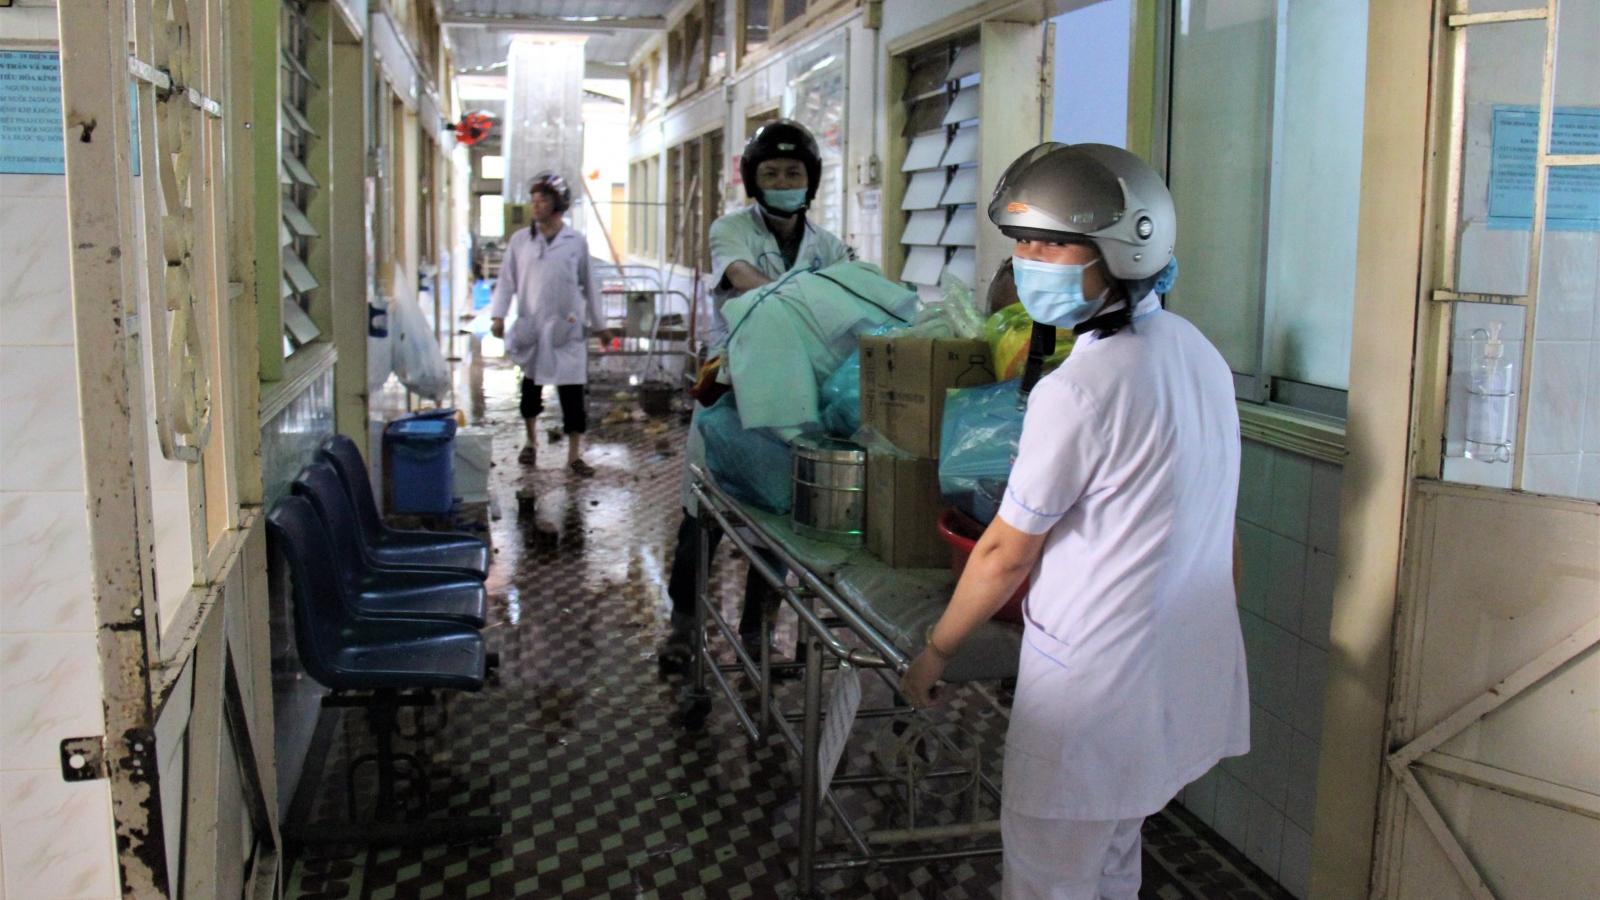 Quảng Nam: Bão số 9 làm 1 người chết và 2 người mất tích